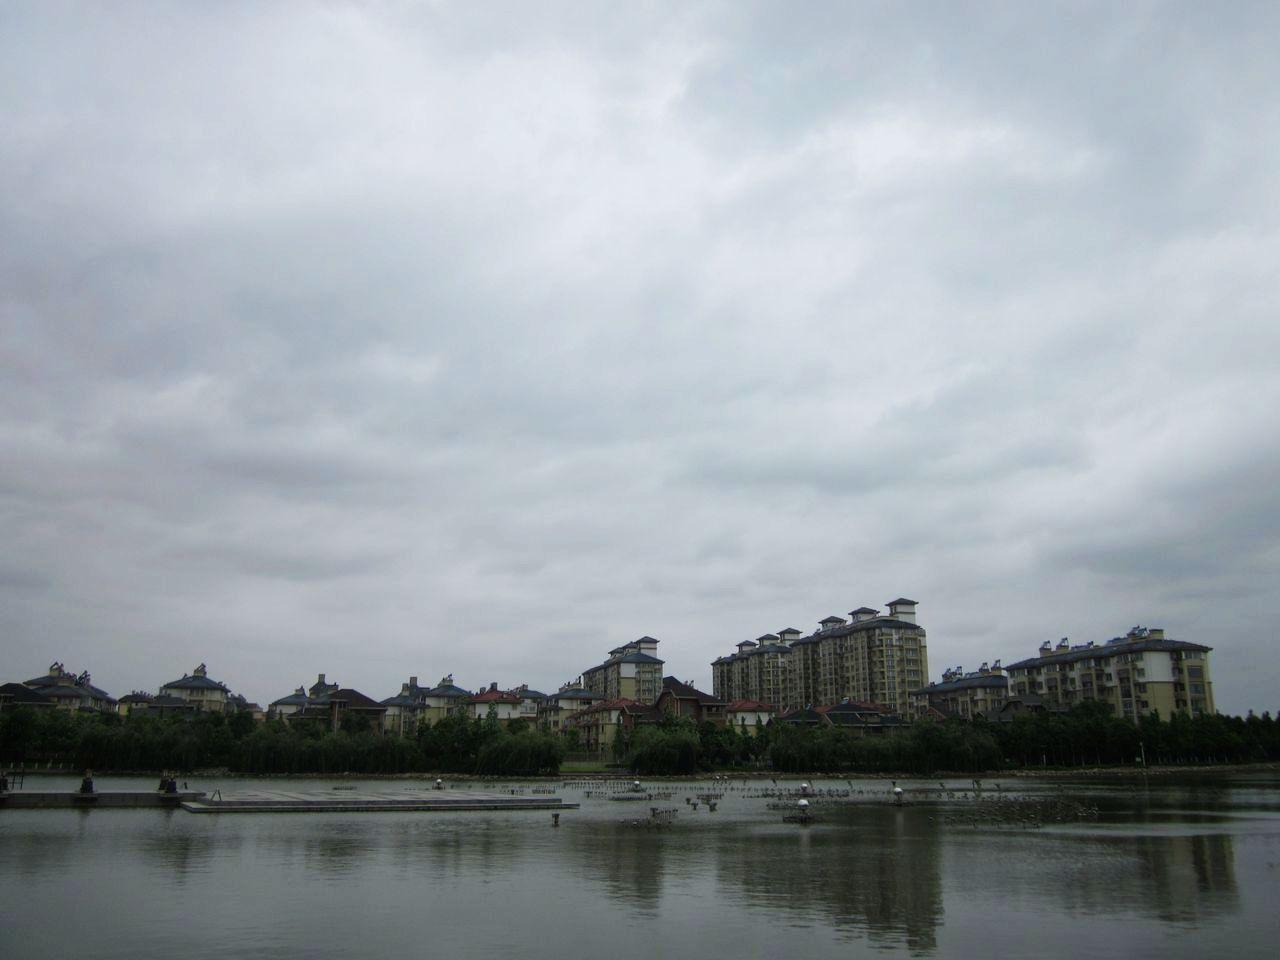 [原创]窗外乌云密布,天气预报却说没雨._如东城事